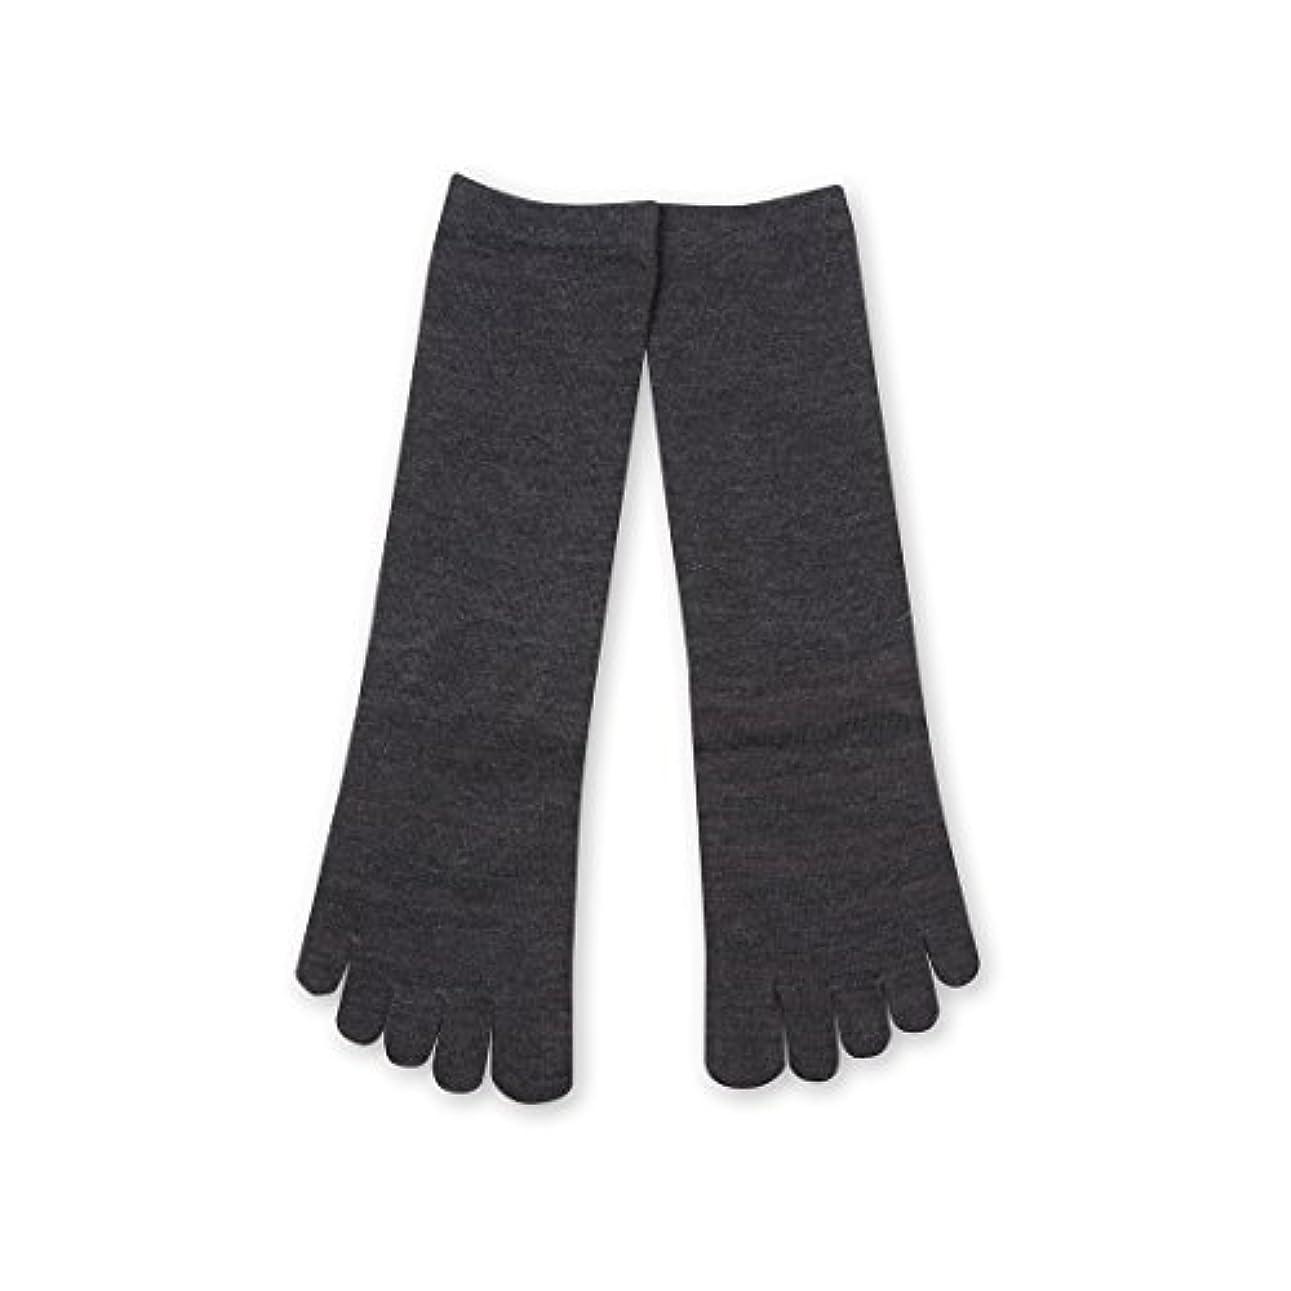 挽く大いに過半数Deol(デオル) 5本指 ソックス 女性用 靴下 23~25cm グレー